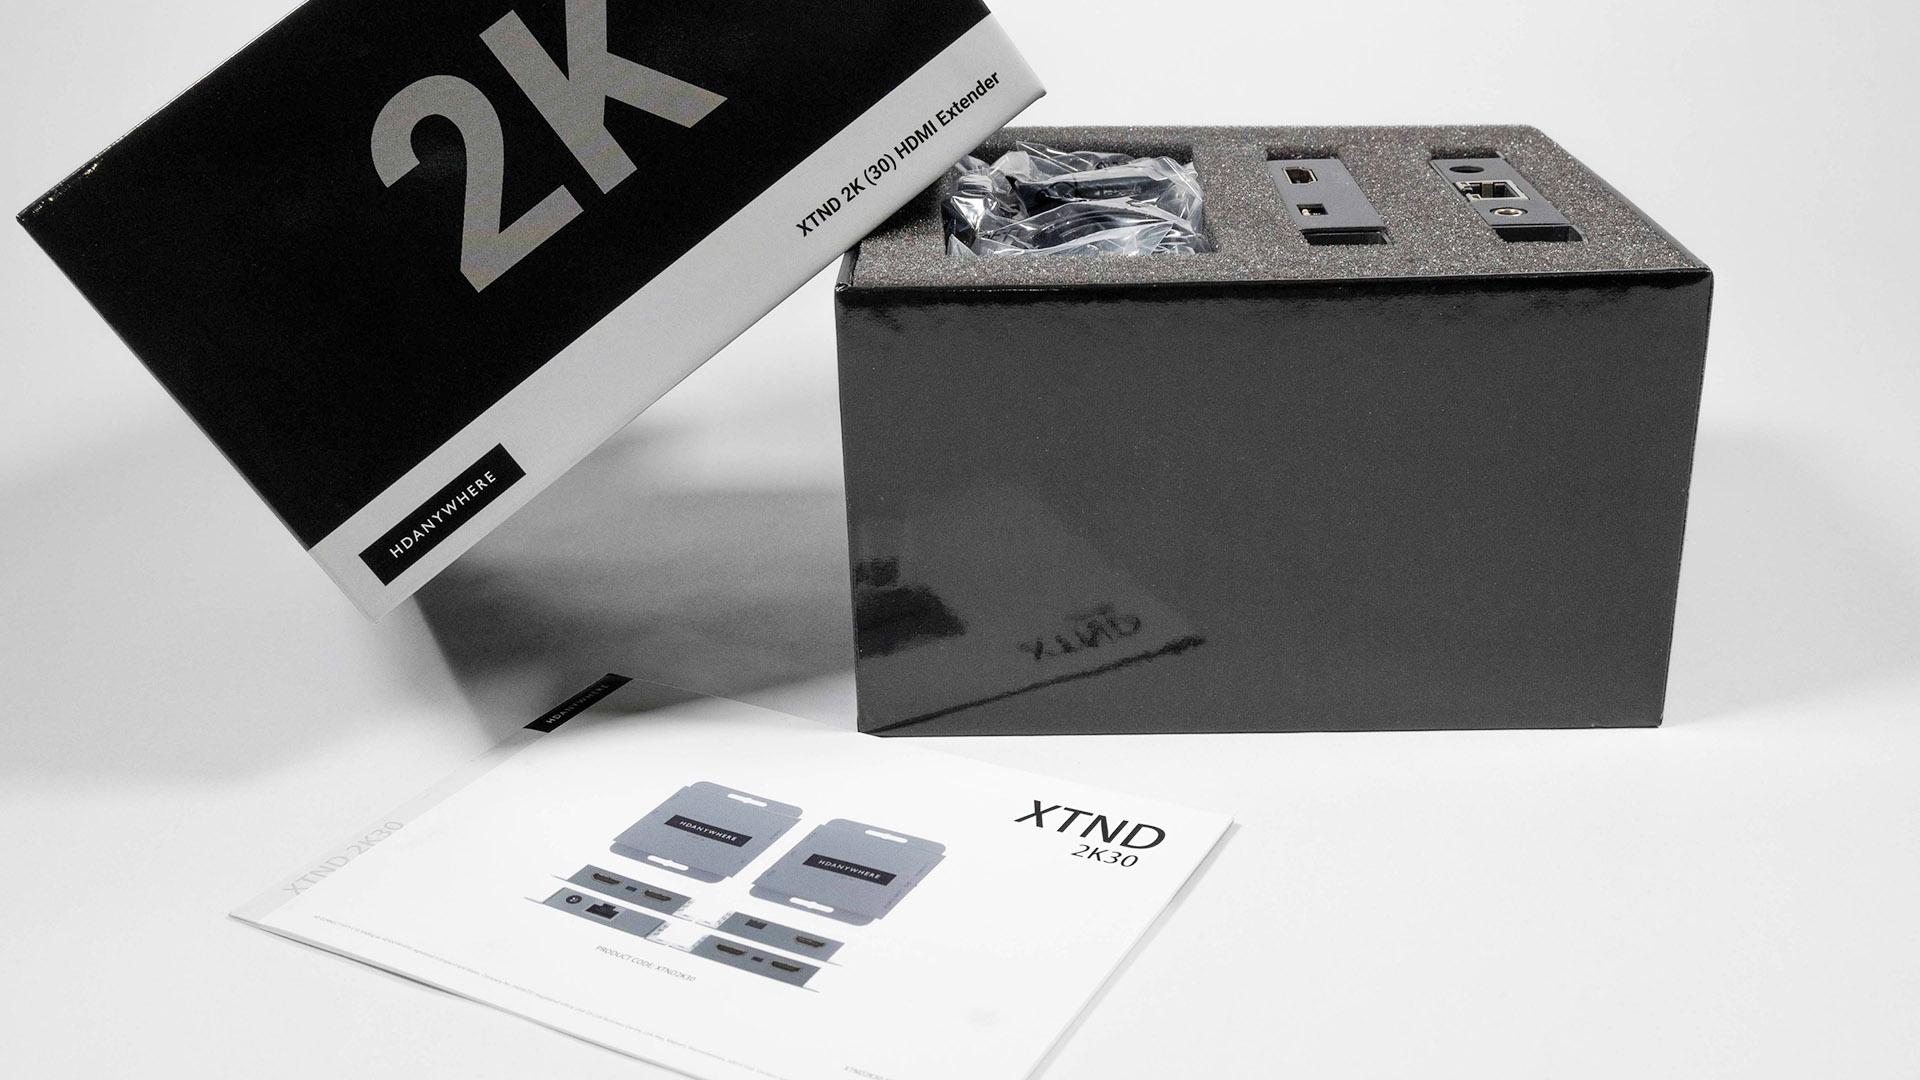 XTND 2K 30p